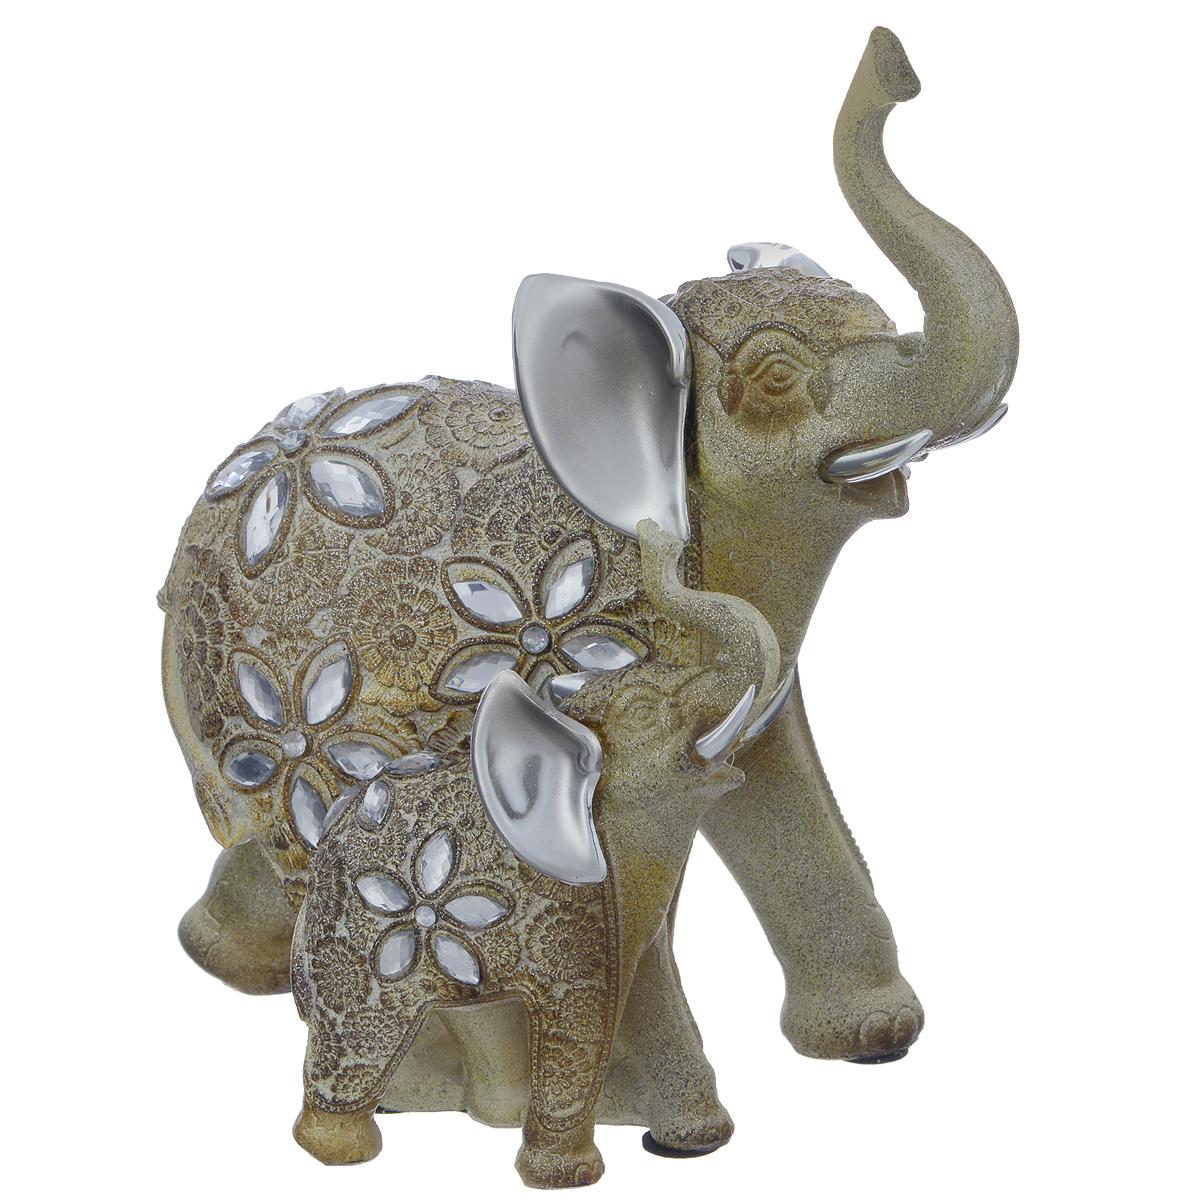 Фигурка декоративная Molento Блестящая семья, высота 21,5 см549-140Декоративная фигурка Molento Блестящая семья, выполненная из полистоуна, станет отличным украшением интерьера и подчеркнет его изысканность. Изделие, выполненное в виде двух слонов, украшено рельефными цветочными узорами и стразами. Такая фигурка всегда сможет послужить приятным подарком для ваших друзей и близких. Размер фигурки: 18,5 см х 11 см х 21,5 см.